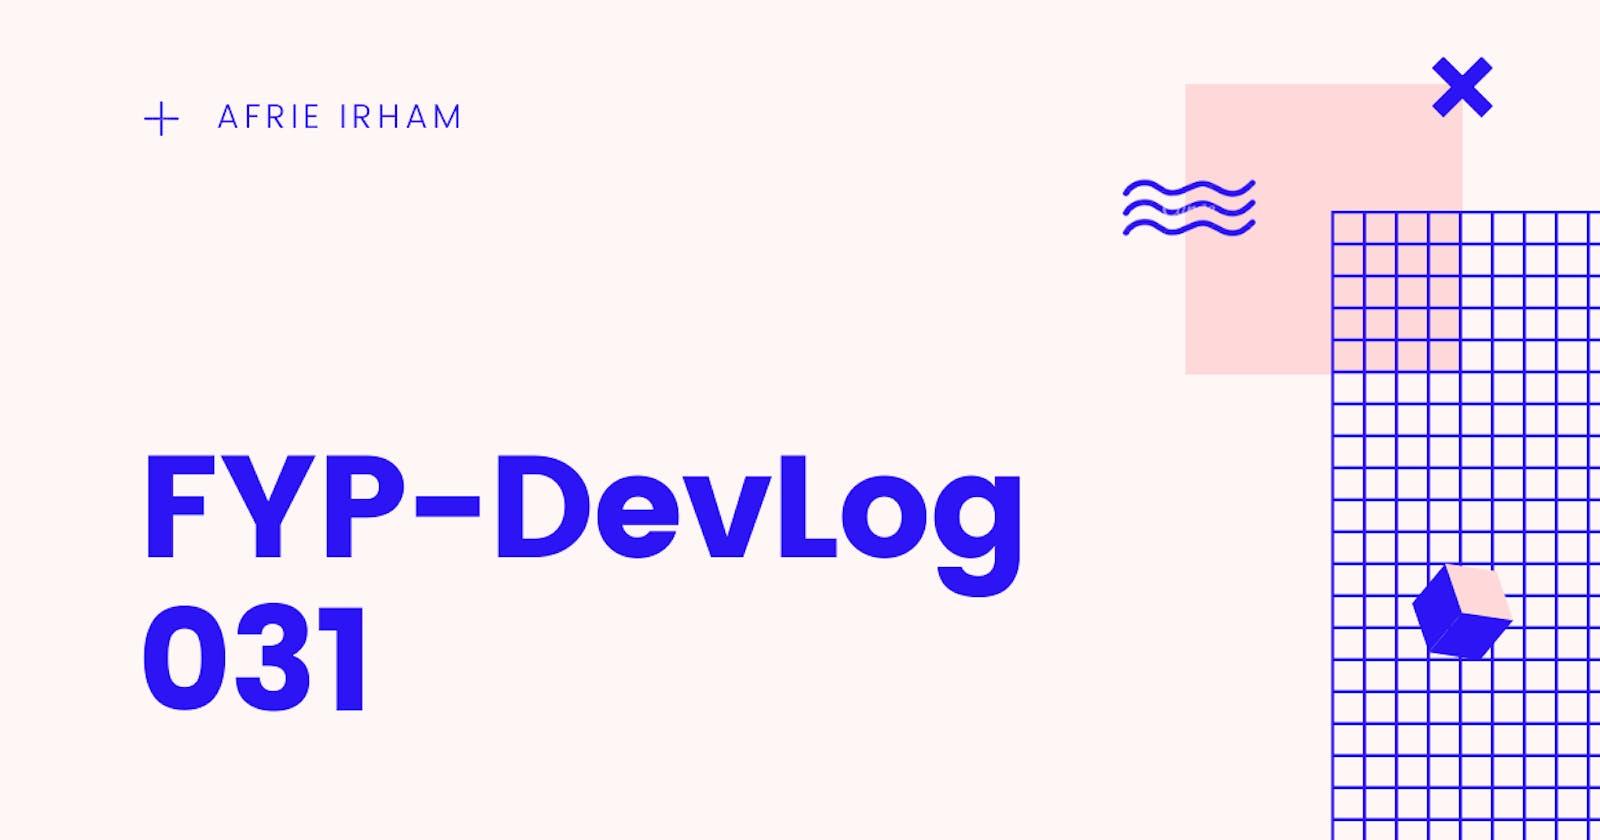 FYP-DevLog 031